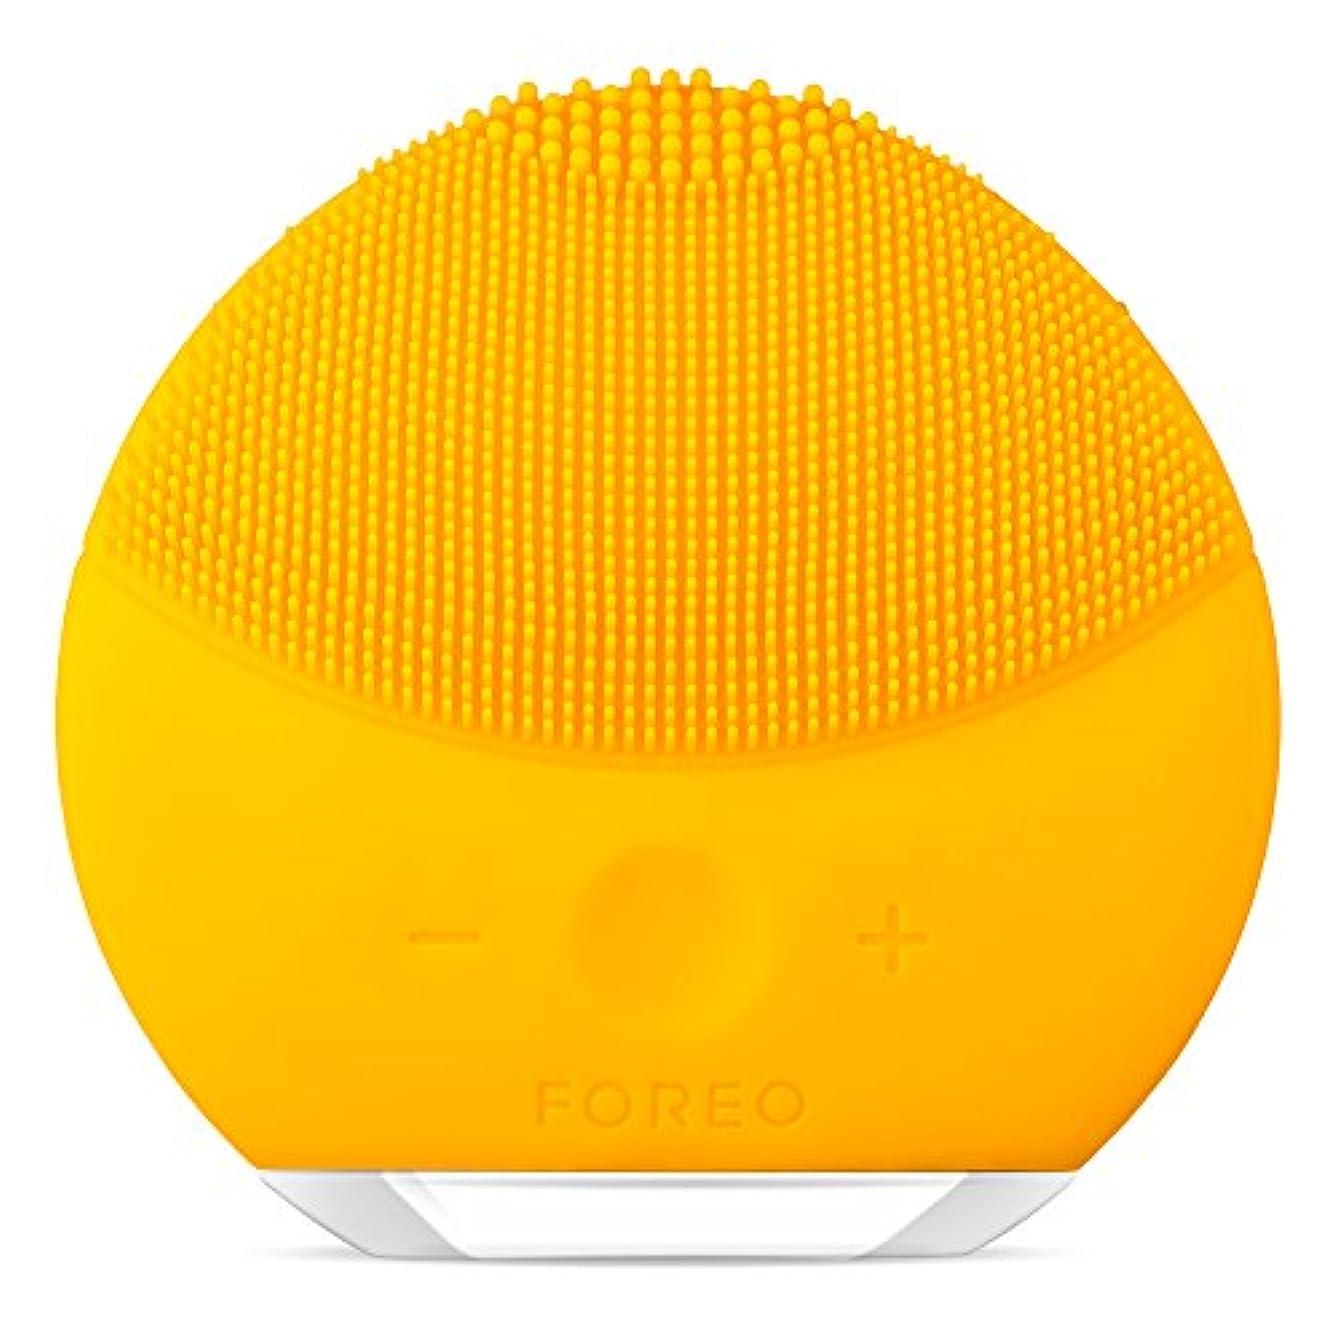 めまいが重大ニックネームFOREO LUNA mini 2 サンフラワーイエロー 電動洗顔ブラシ シリコーン製 音波振動